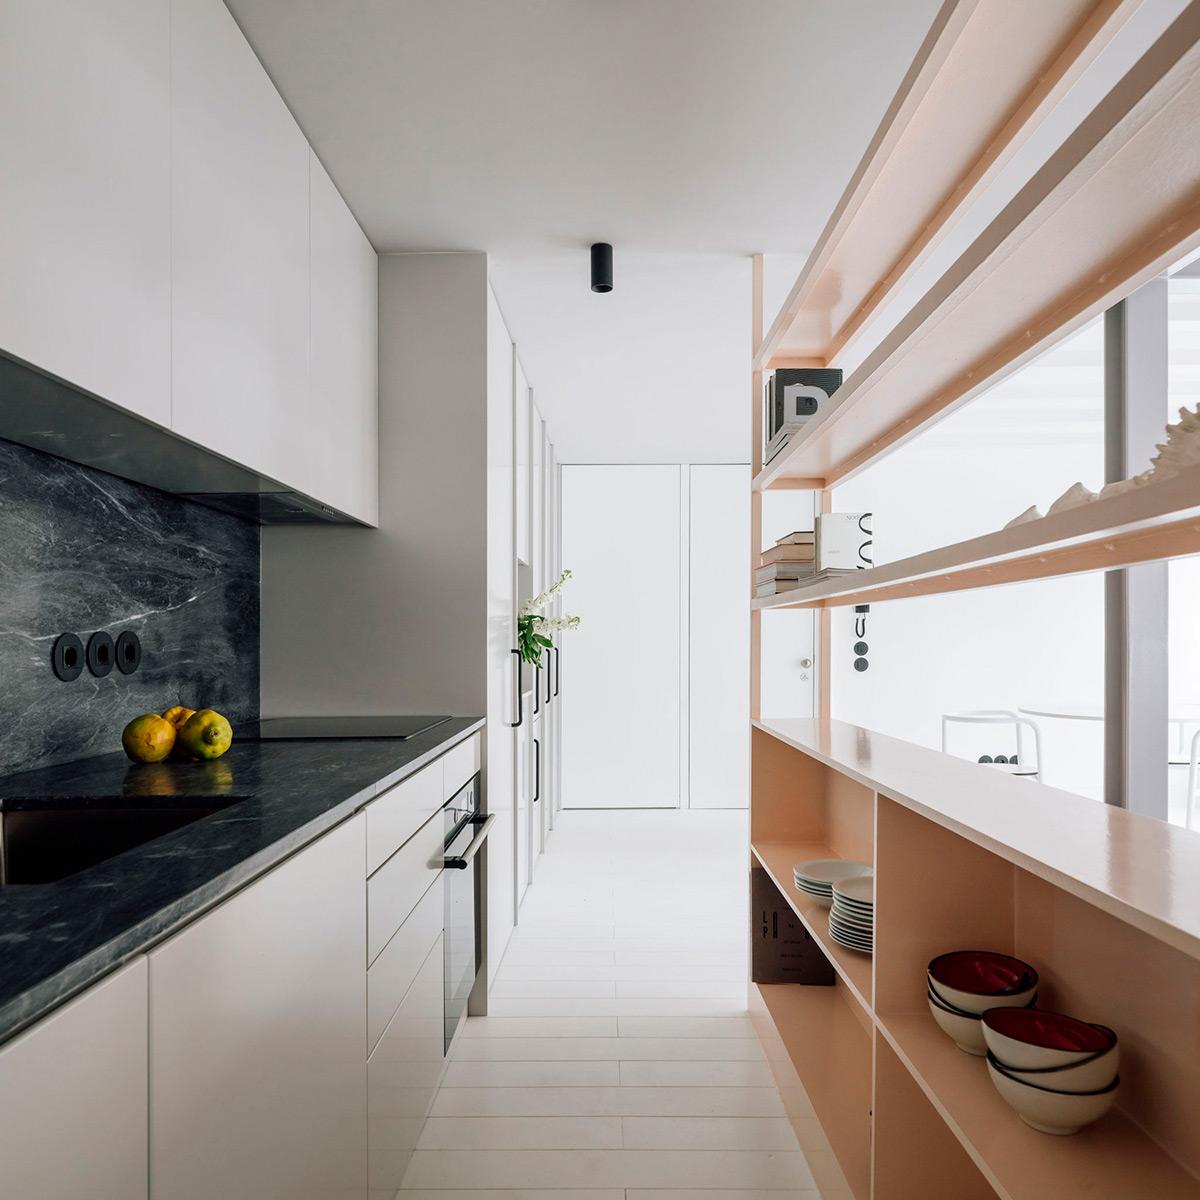 RGM-46-Duarte-Caldas-Architectural-Design-02